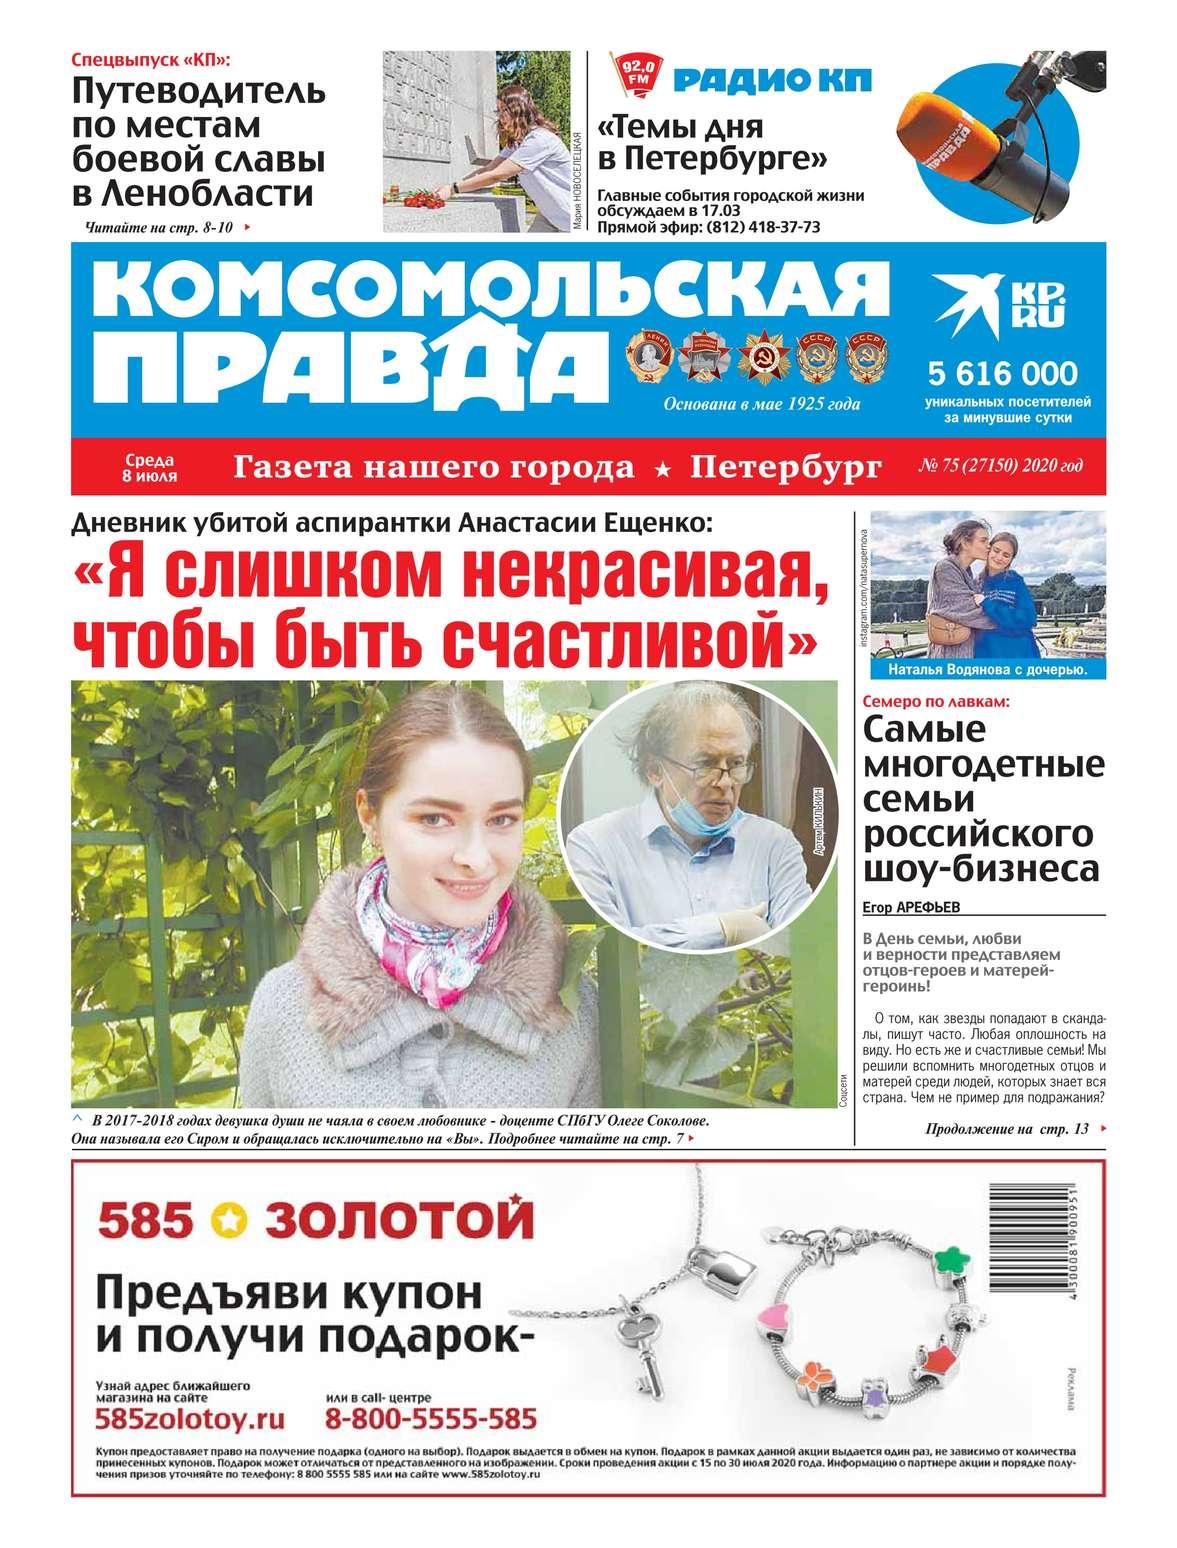 Комсомольская Правда. Санкт-Петербург 75-2020